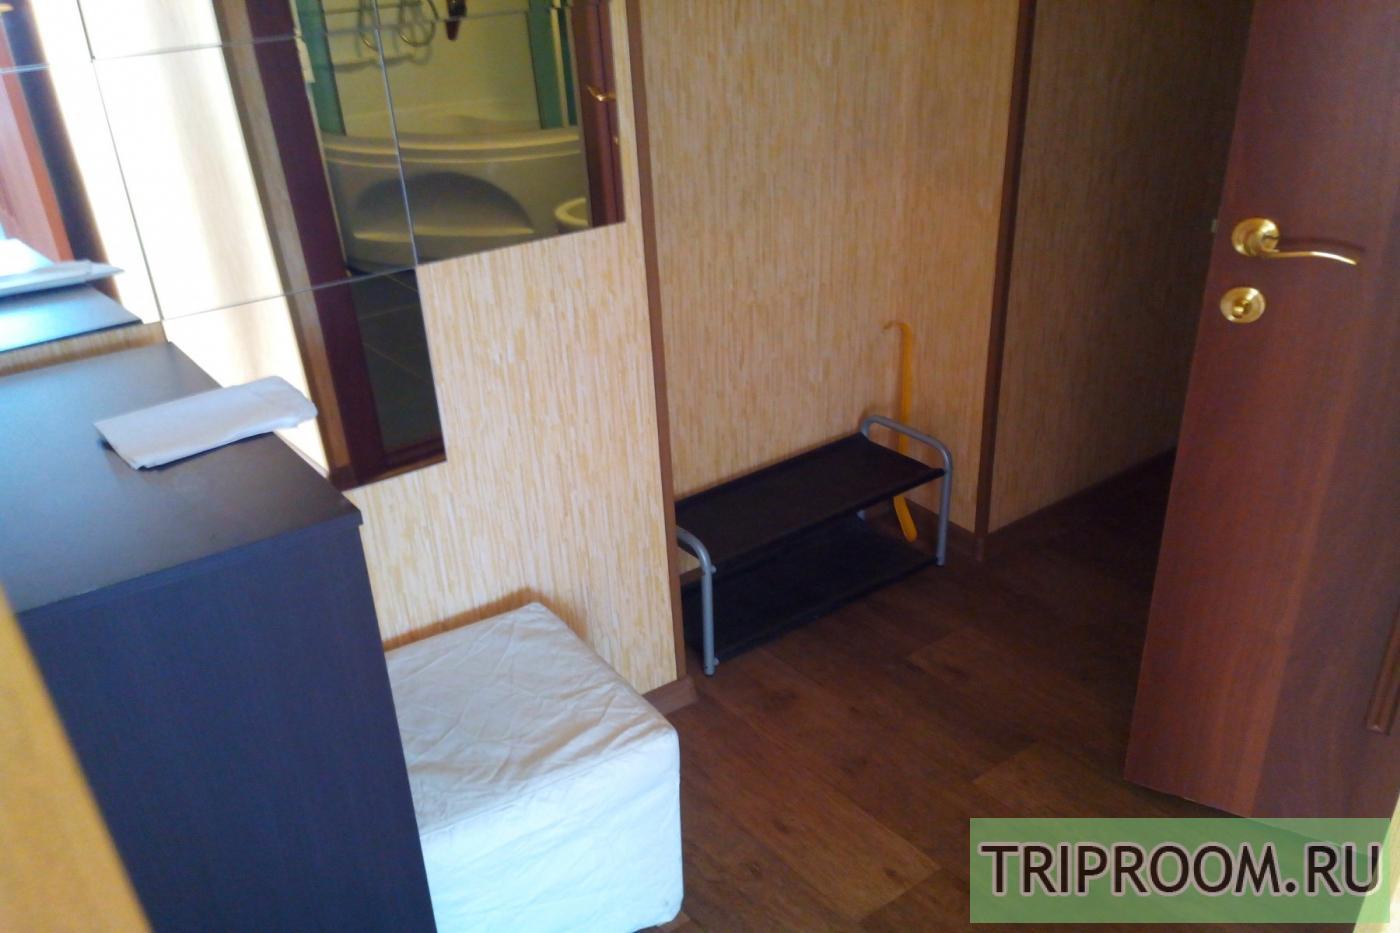 1-комнатная квартира посуточно (вариант № 5761), ул. Карла Маркса проспект, фото № 21